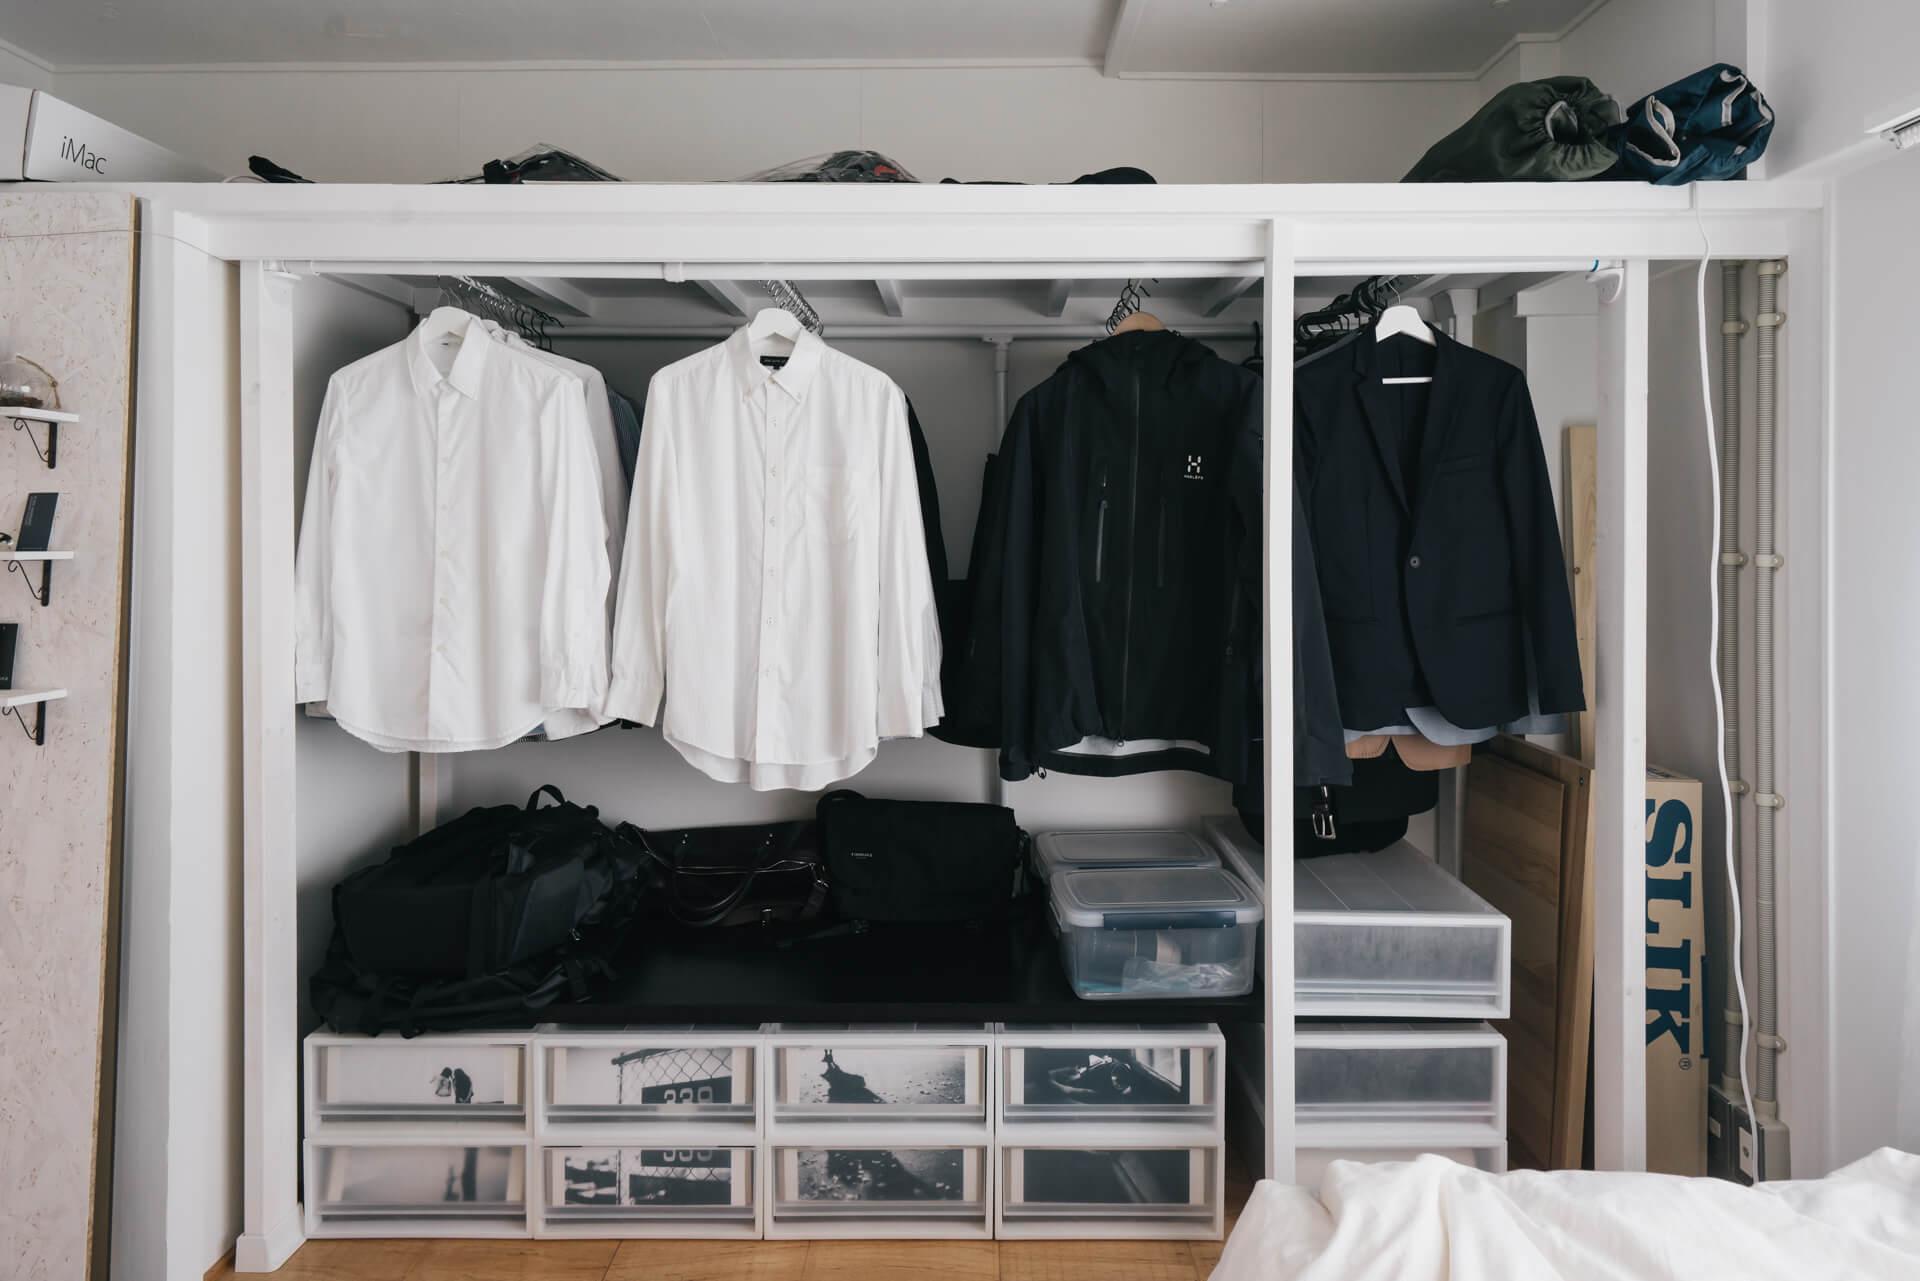 同じく、MUJI×URのリノベーション団地に暮らしていらっしゃる方のお部屋。突っ張り棒をあえて「縦」方向につけたことで、服を綺麗に見せて収納することができ、とても気に入ってらっしゃるそう。